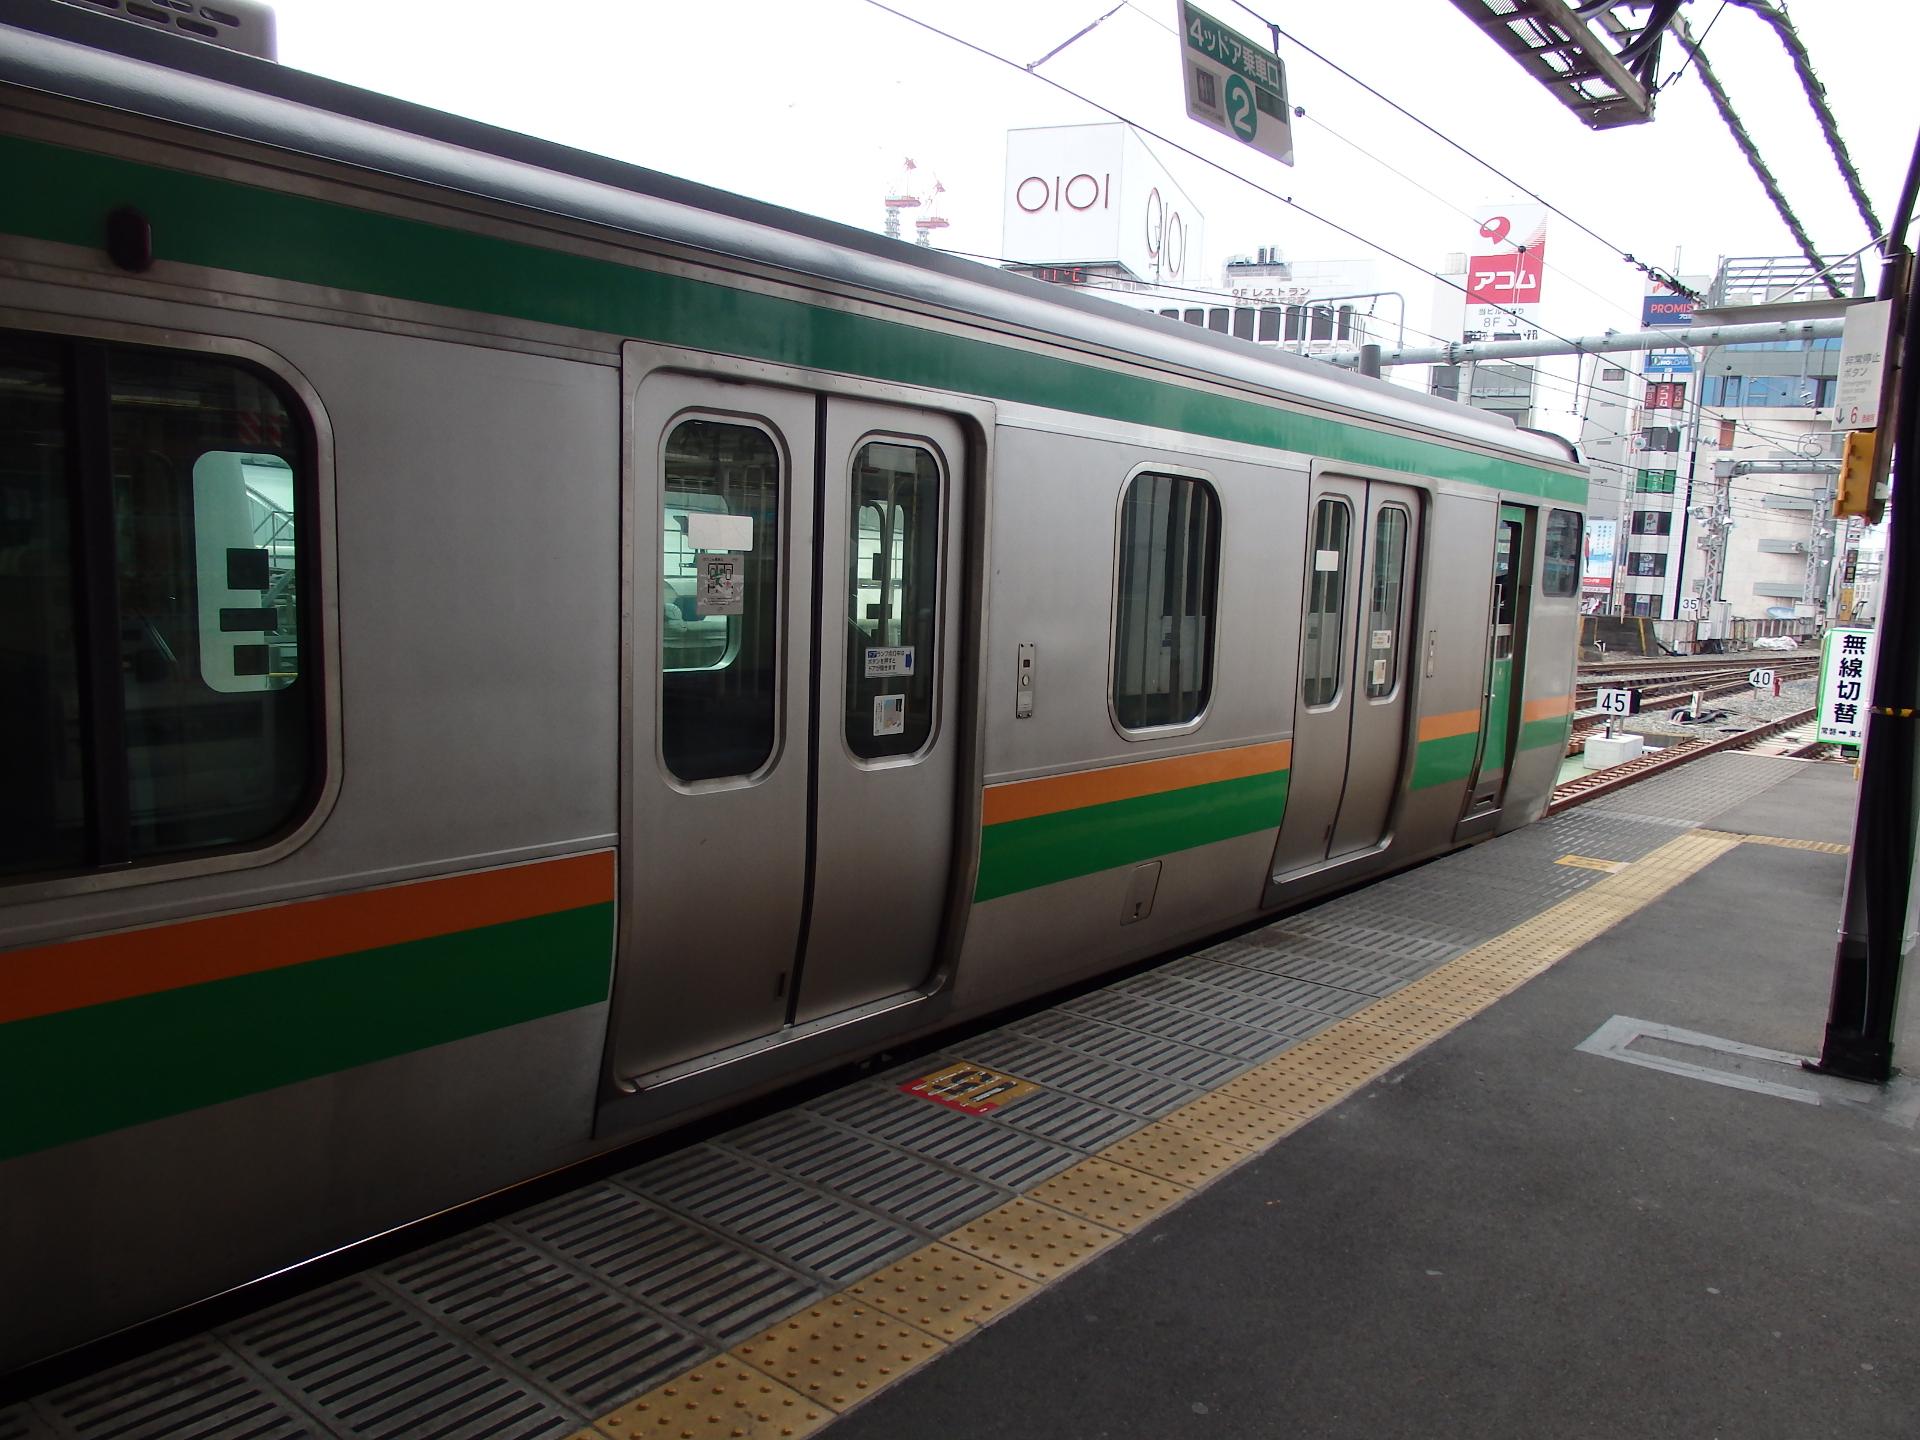 上野始発の宇都宮行き列車です。